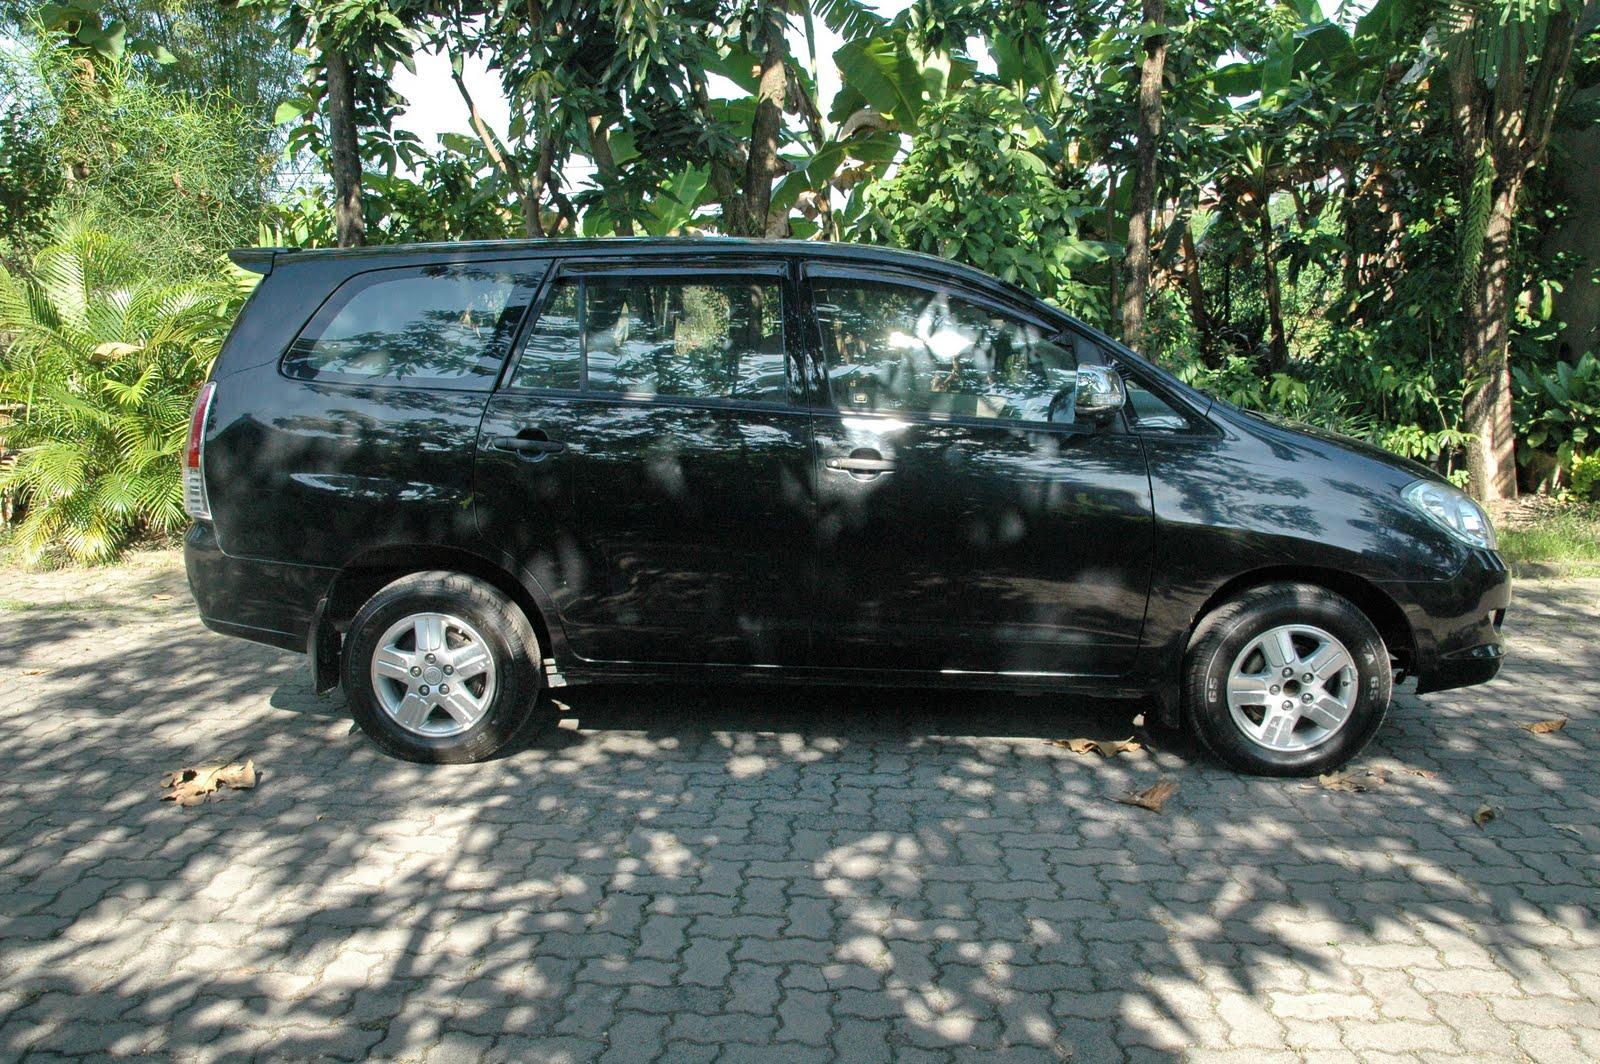 Konsumsi Bbm All New Kijang Innova Diesel Grand Avanza 1.5 G Limited Automoda Toyota 2008